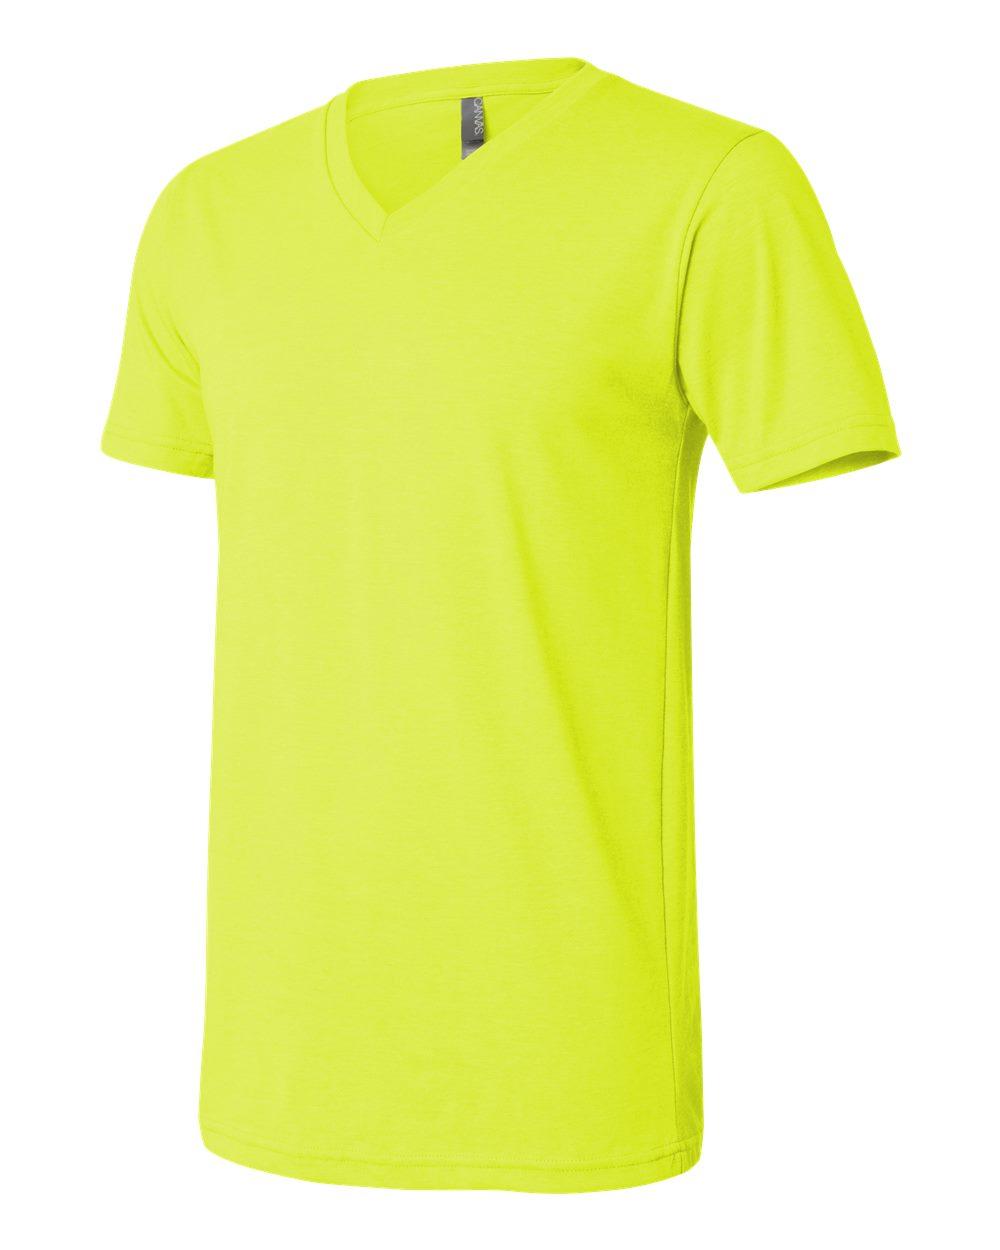 Bella-Canvas-Men-039-s-Jersey-Short-Sleeve-V-Neck-T-Shirt-3005-XS-3XL thumbnail 15